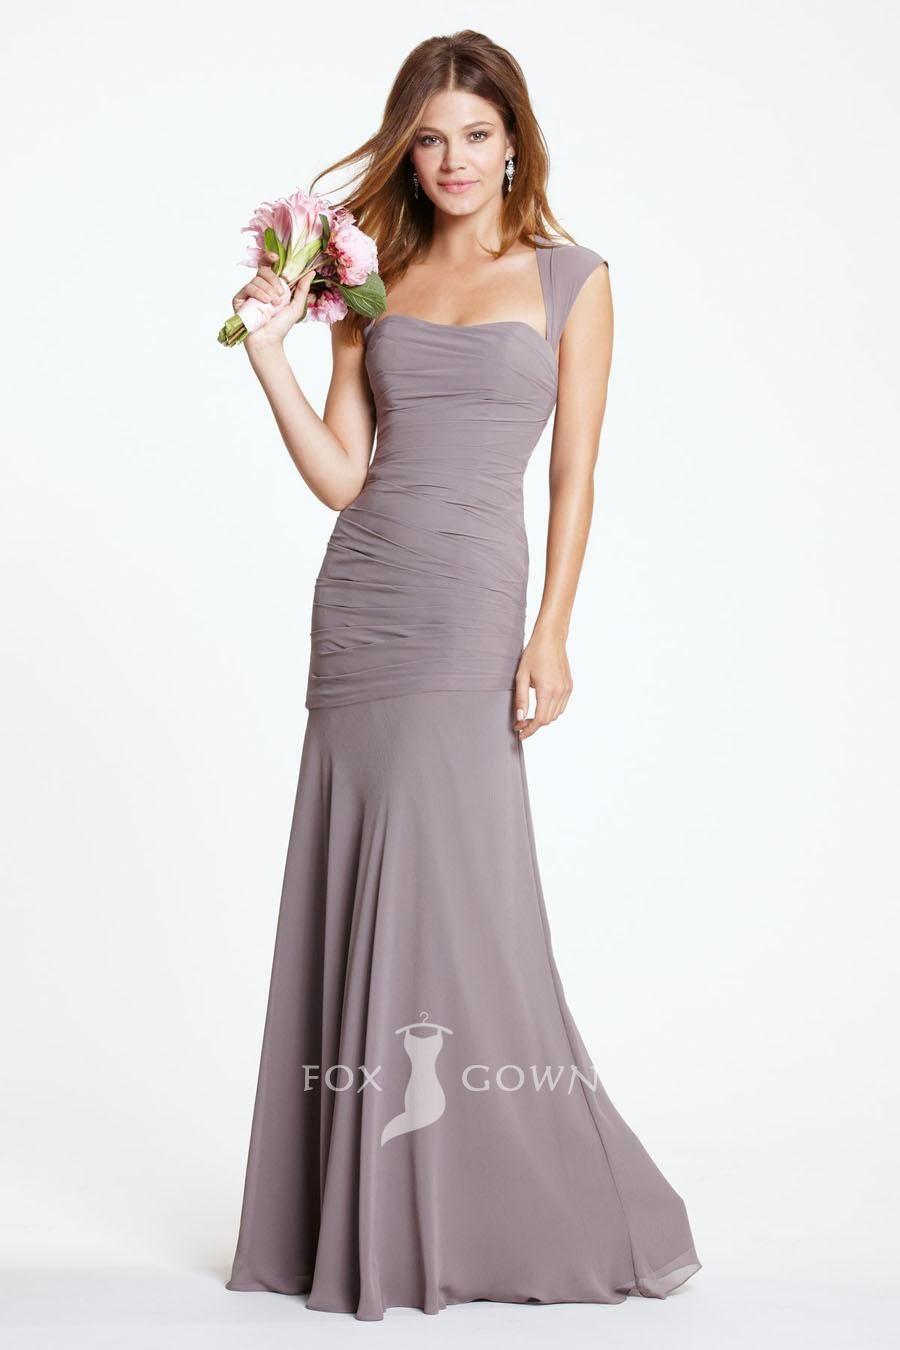 Formal Einzigartig Graue Kleider Für Hochzeit Galerie17 Fantastisch Graue Kleider Für Hochzeit Stylish